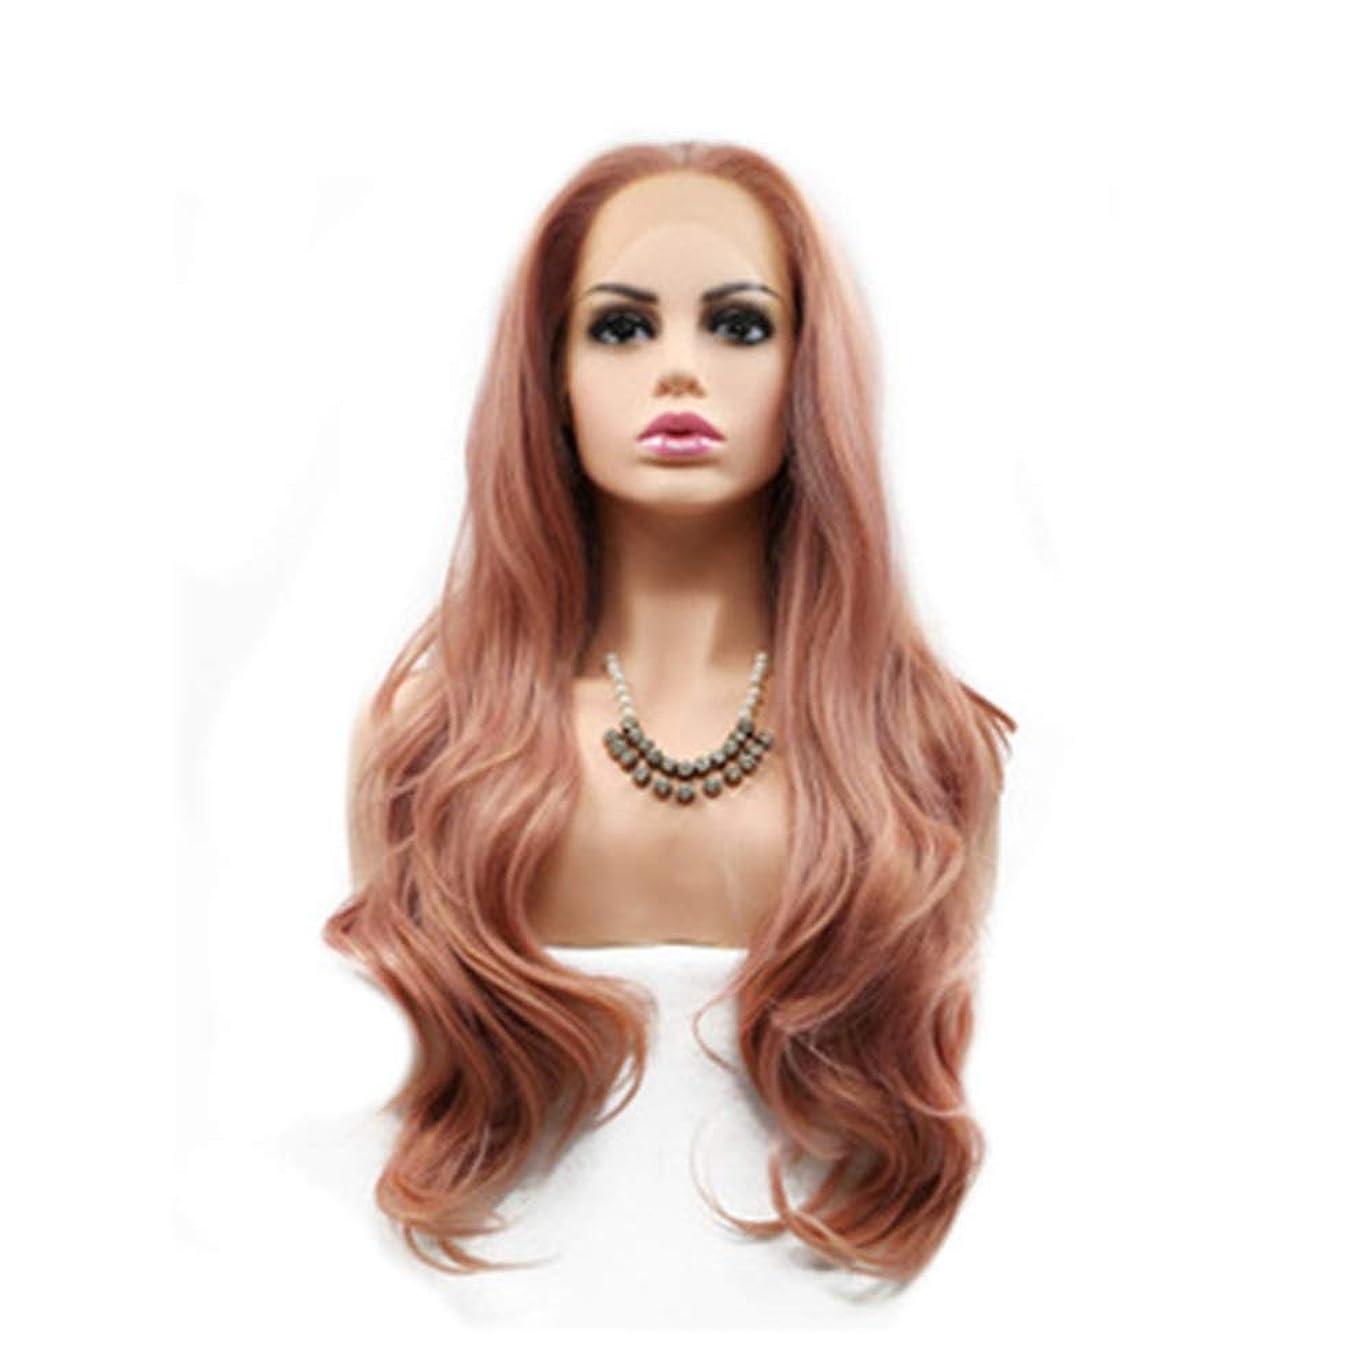 可塑性感じる急降下ZXF 女性のかつらローズゴールドカーリーヘアフロントレースケミカルファイバーかつらセット手動のレースの前に長い髪の巻き毛のメカニズムかつら 美しい